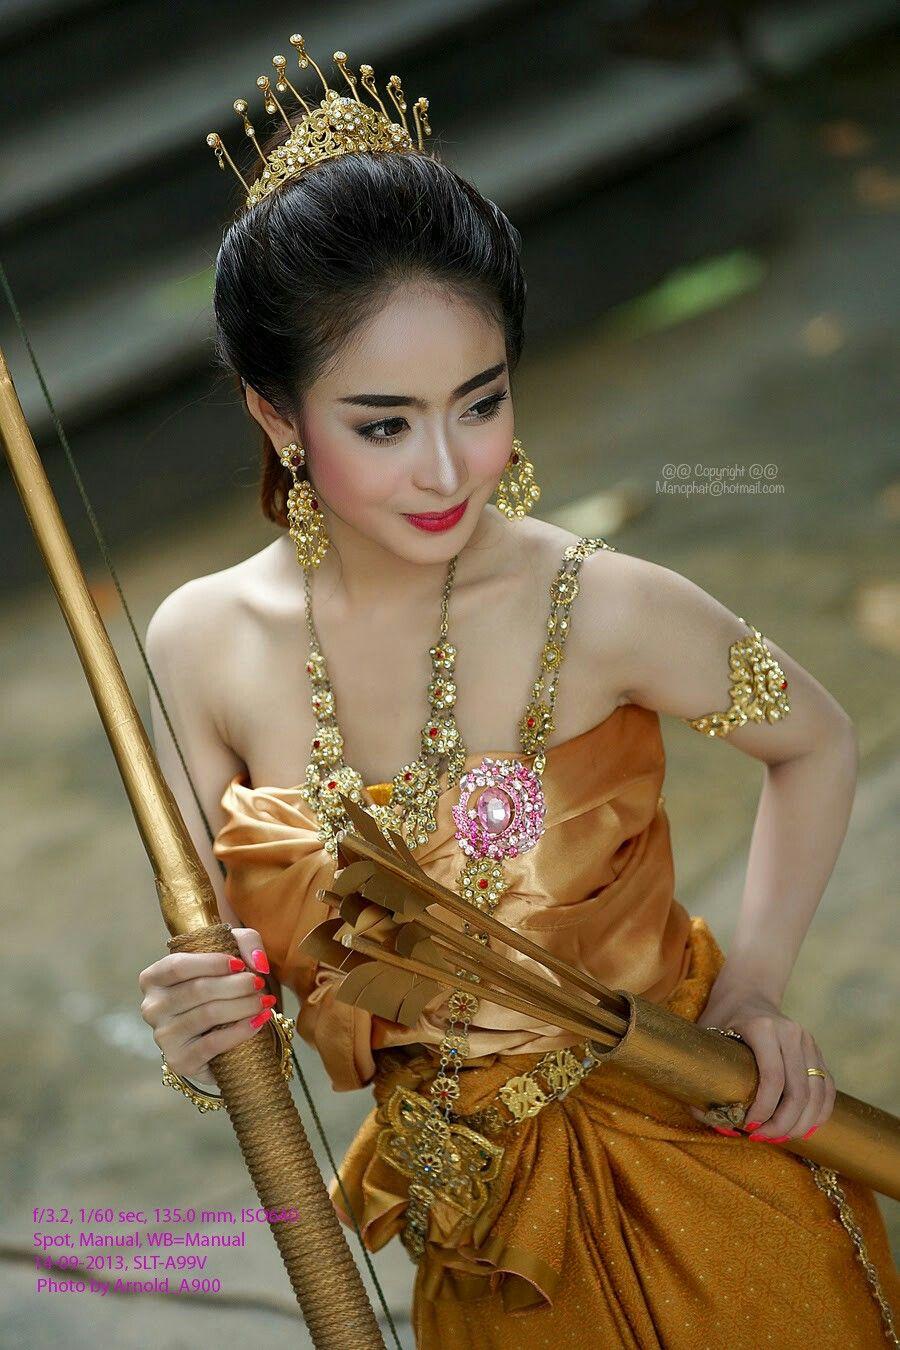 รายได้เป็นล้าน! 10 นางแบบไทย Onlyfans ที่หนุ่มแห่เปย์